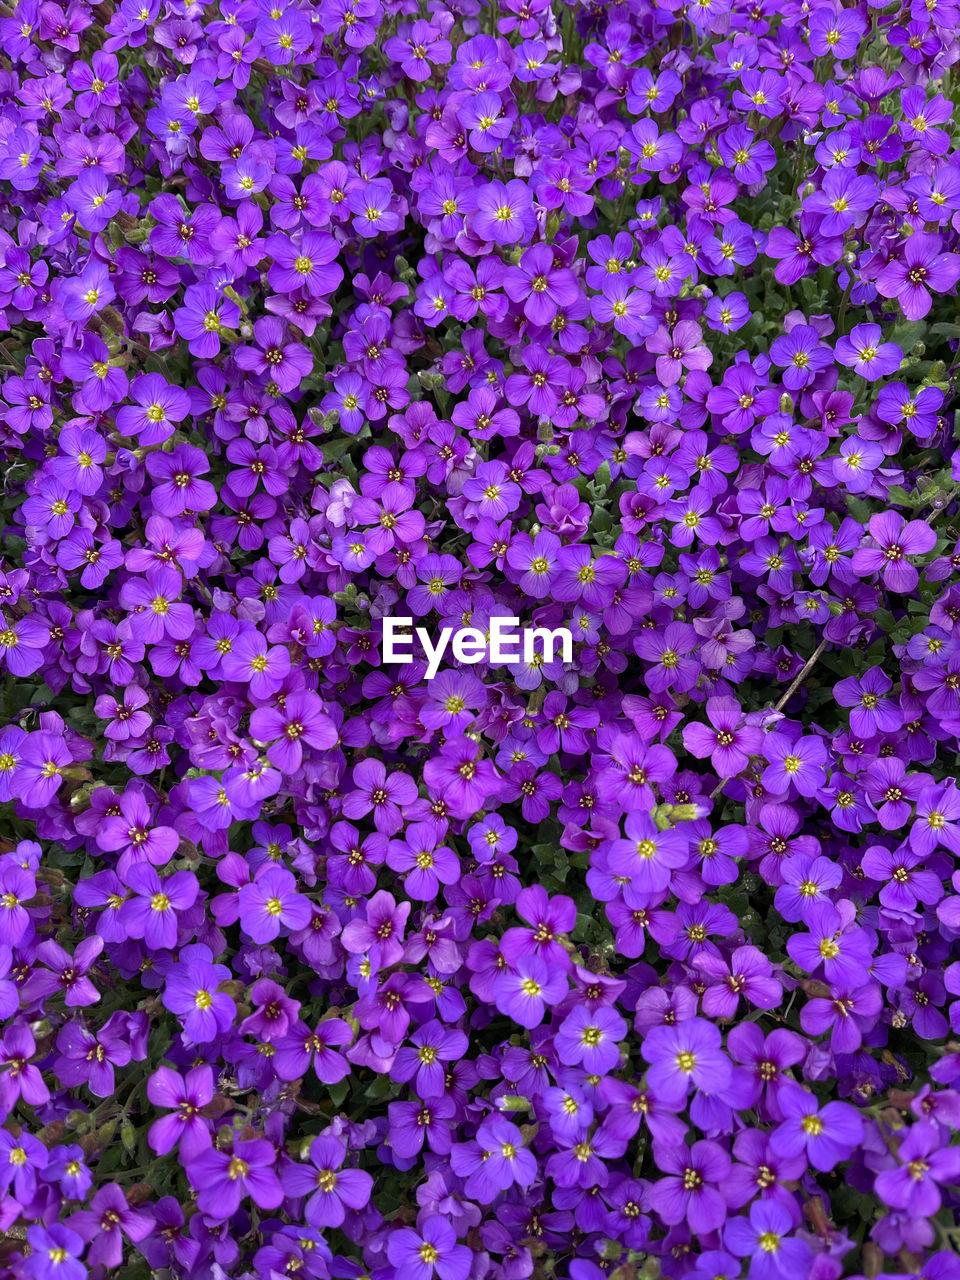 FULL FRAME OF PURPLE FLOWERING PLANTS